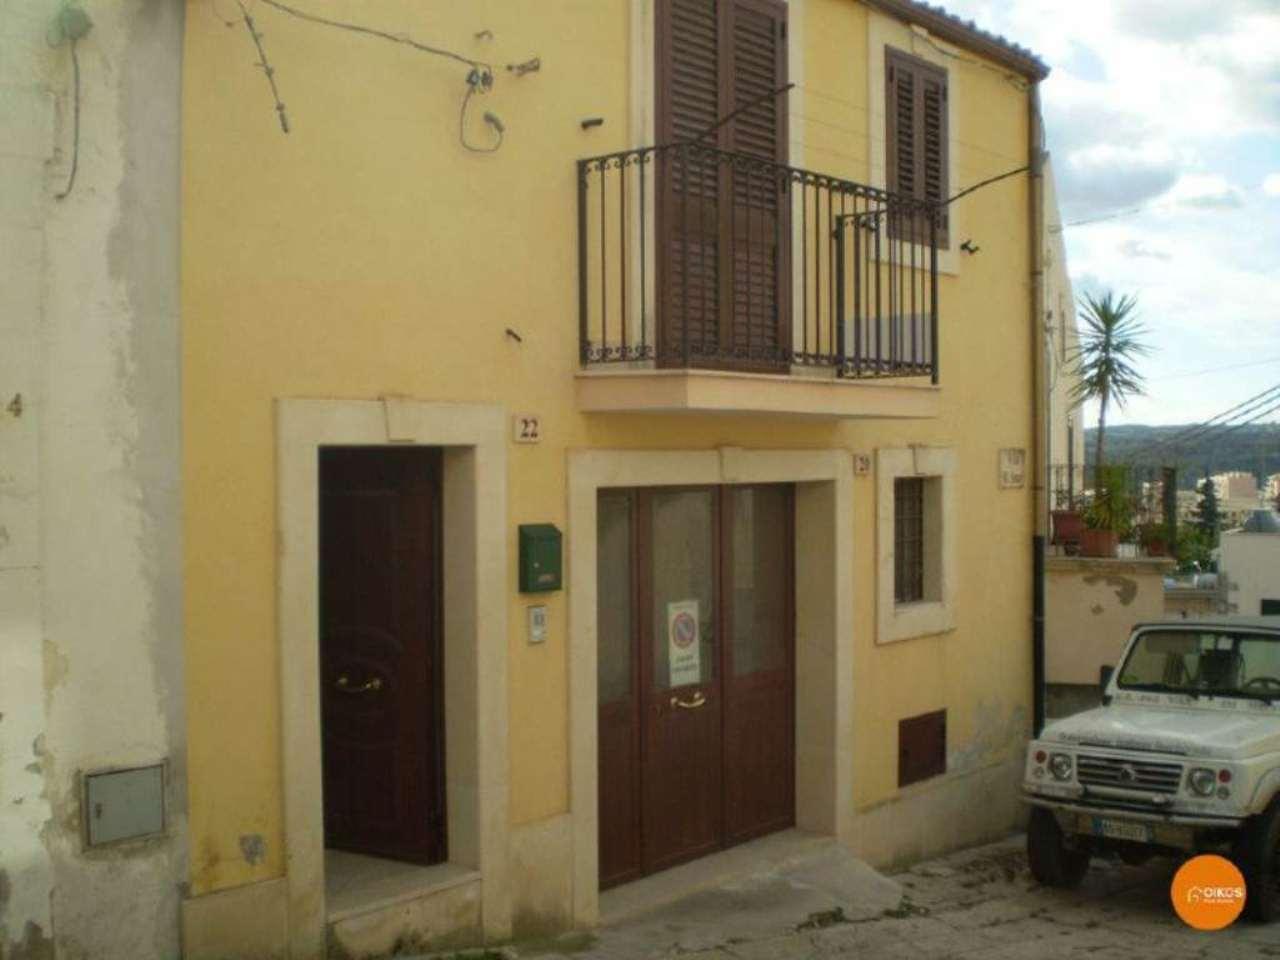 Soluzione Indipendente in vendita a Noto, 4 locali, prezzo € 120.000 | CambioCasa.it